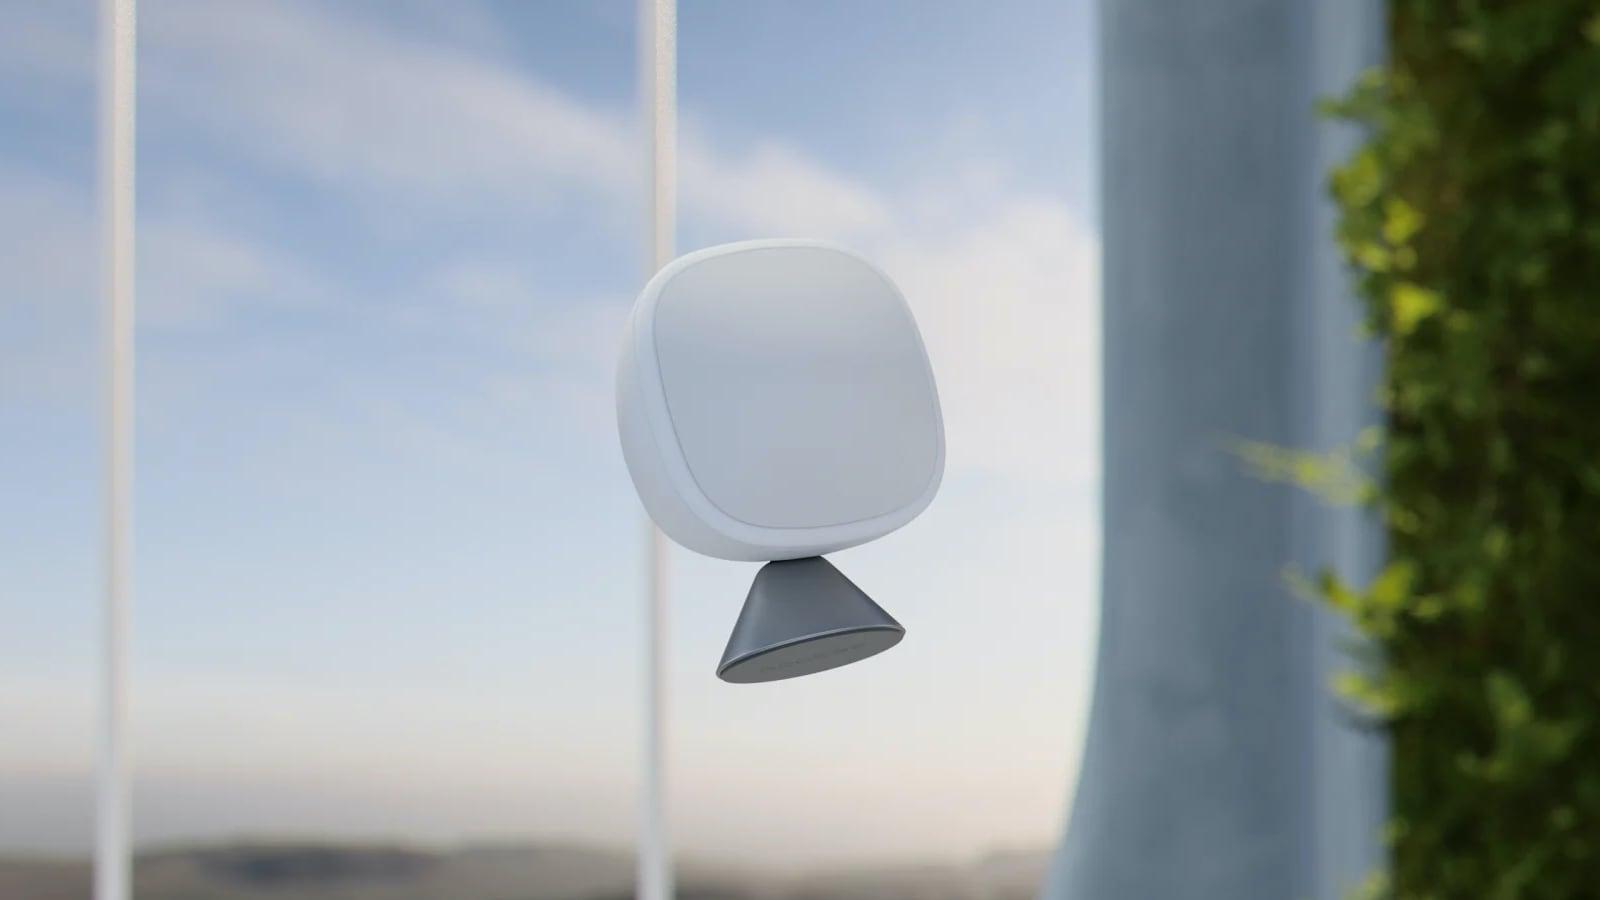 ecobee SmartSensor Motion Detector